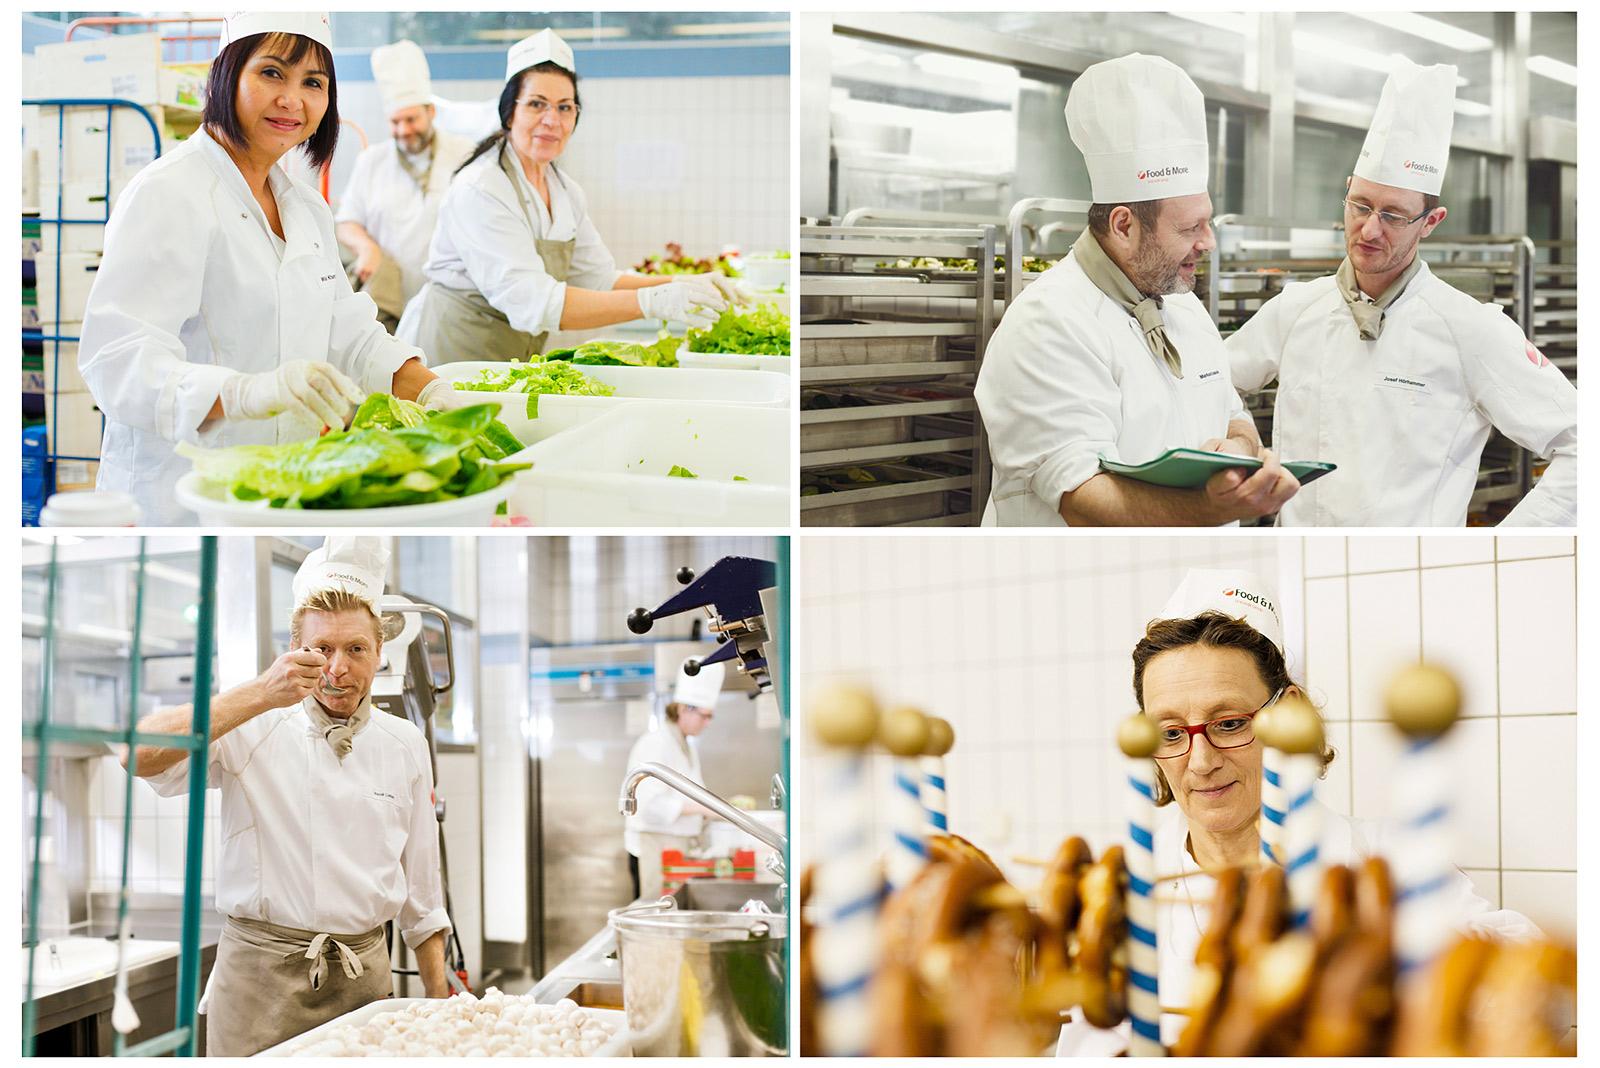 hinter den Kulissen einer Großküche - Corporate Fotografie München